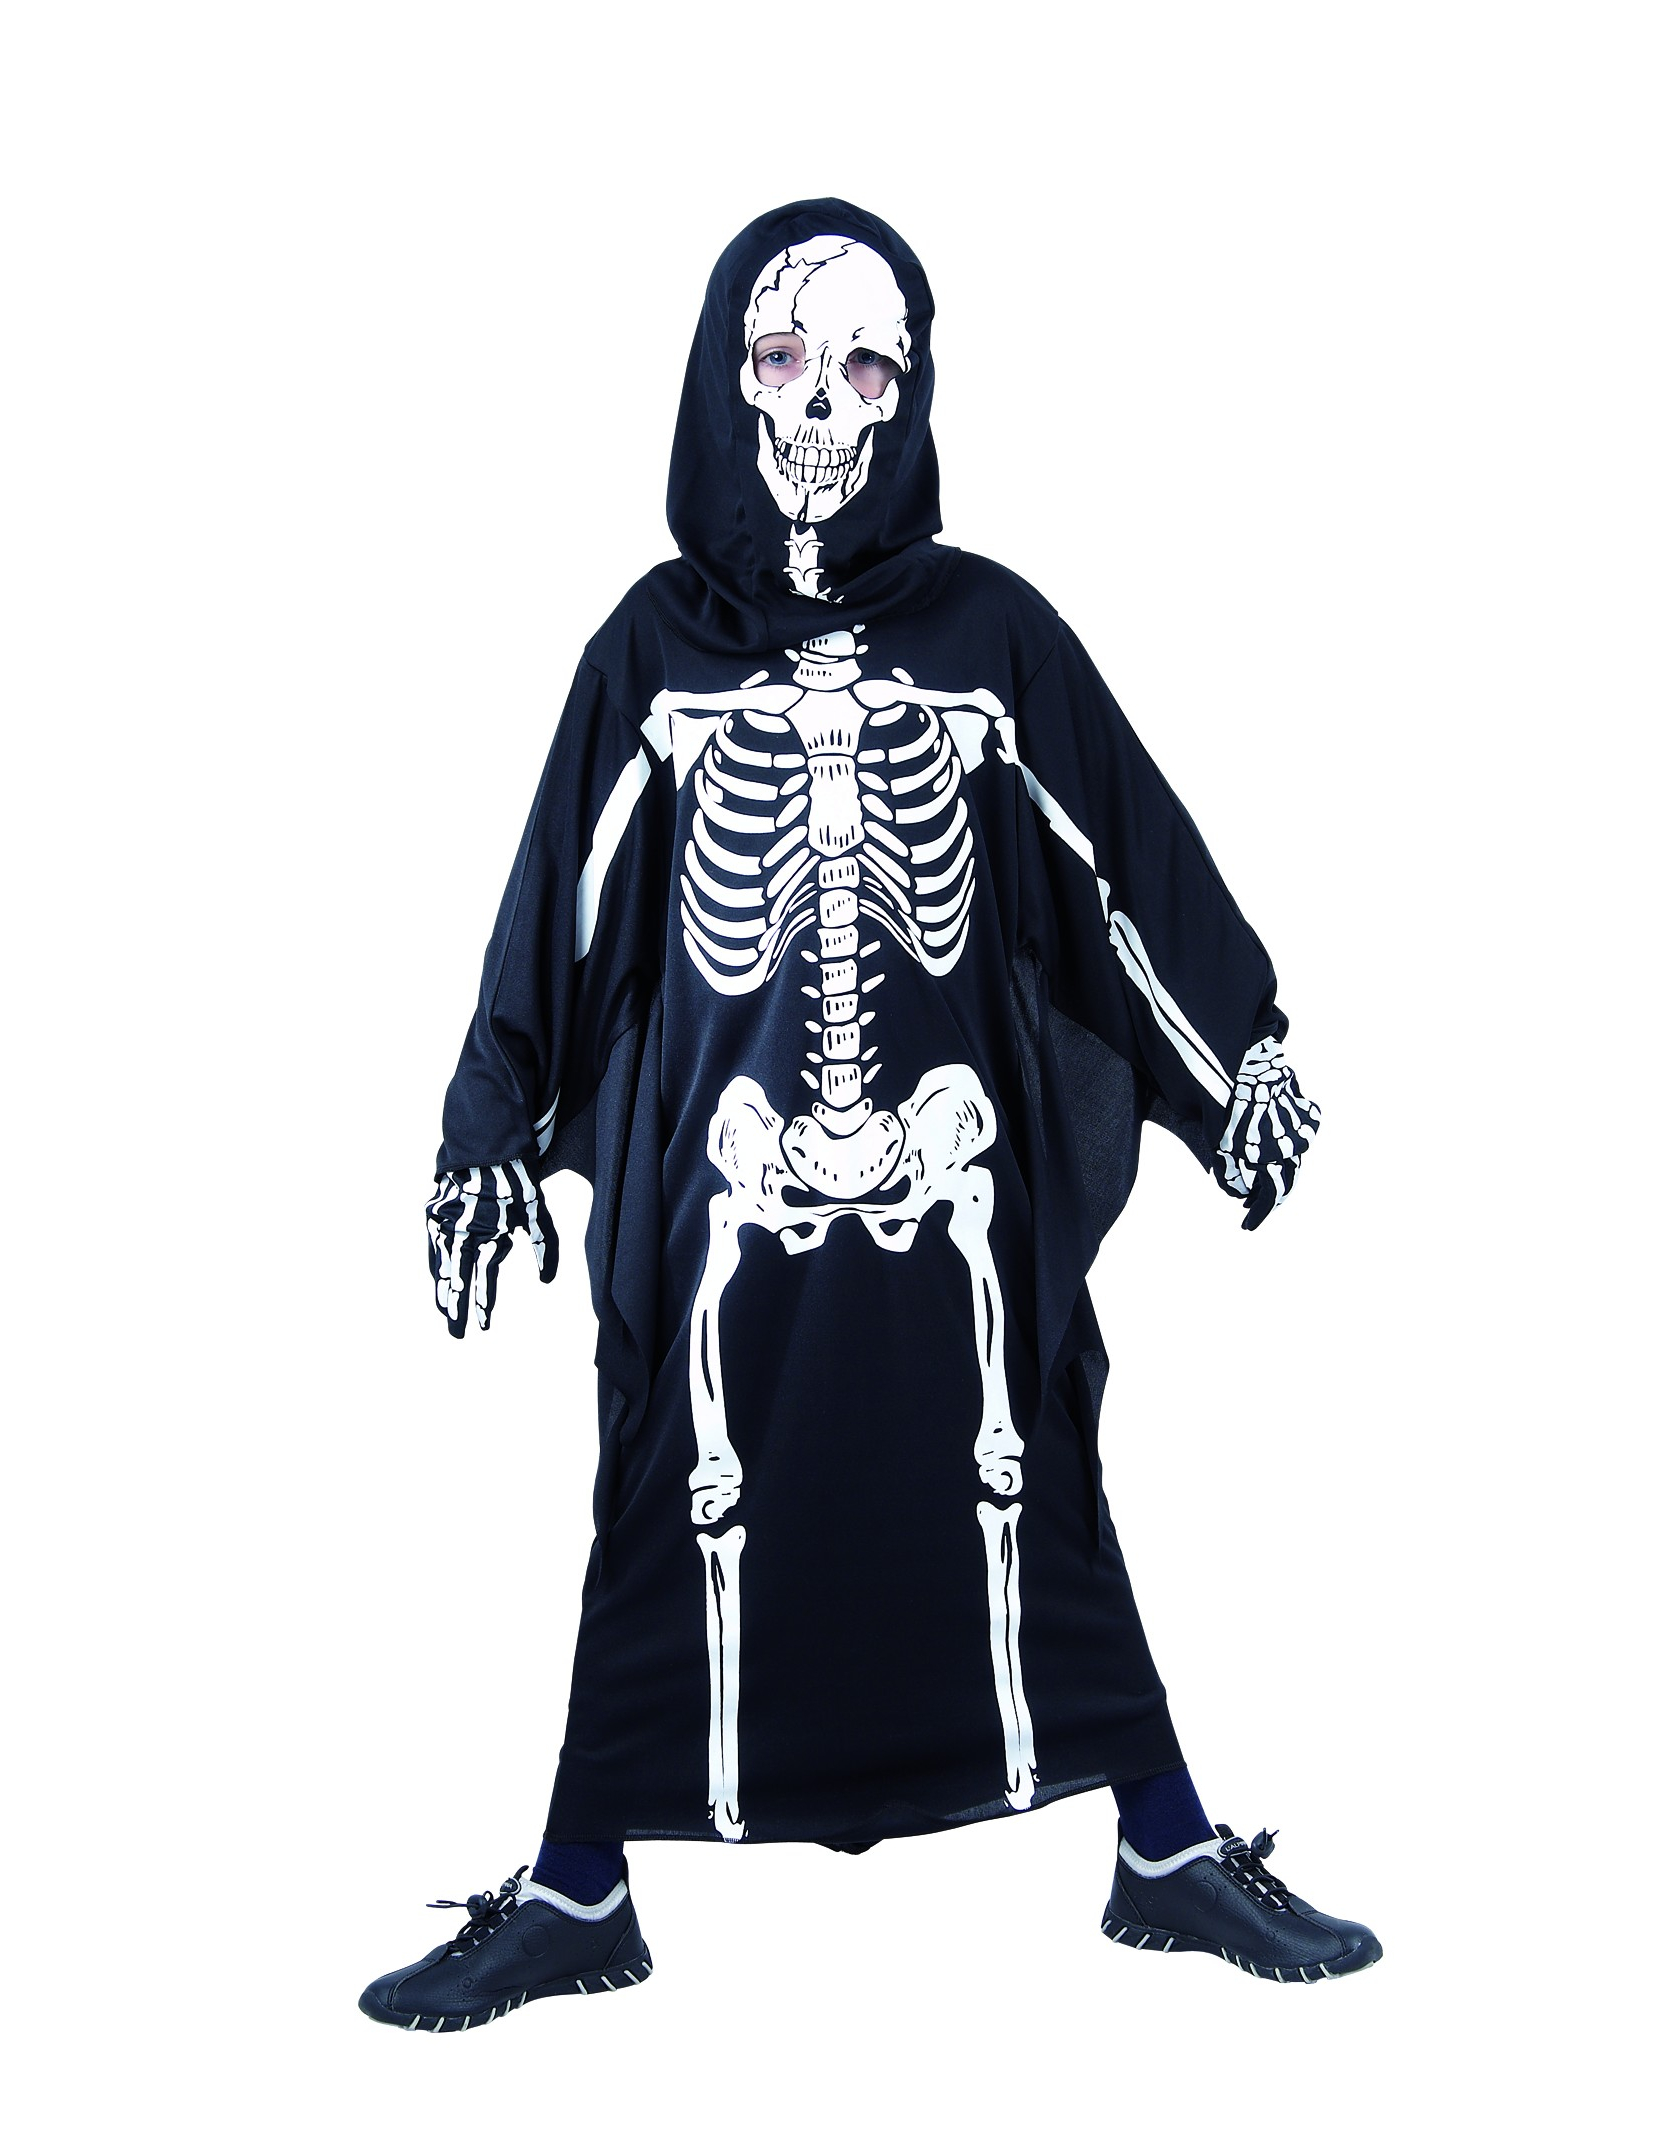 skelett kost m f r kinder kost me f r kinder und g nstige faschingskost me vegaoo. Black Bedroom Furniture Sets. Home Design Ideas